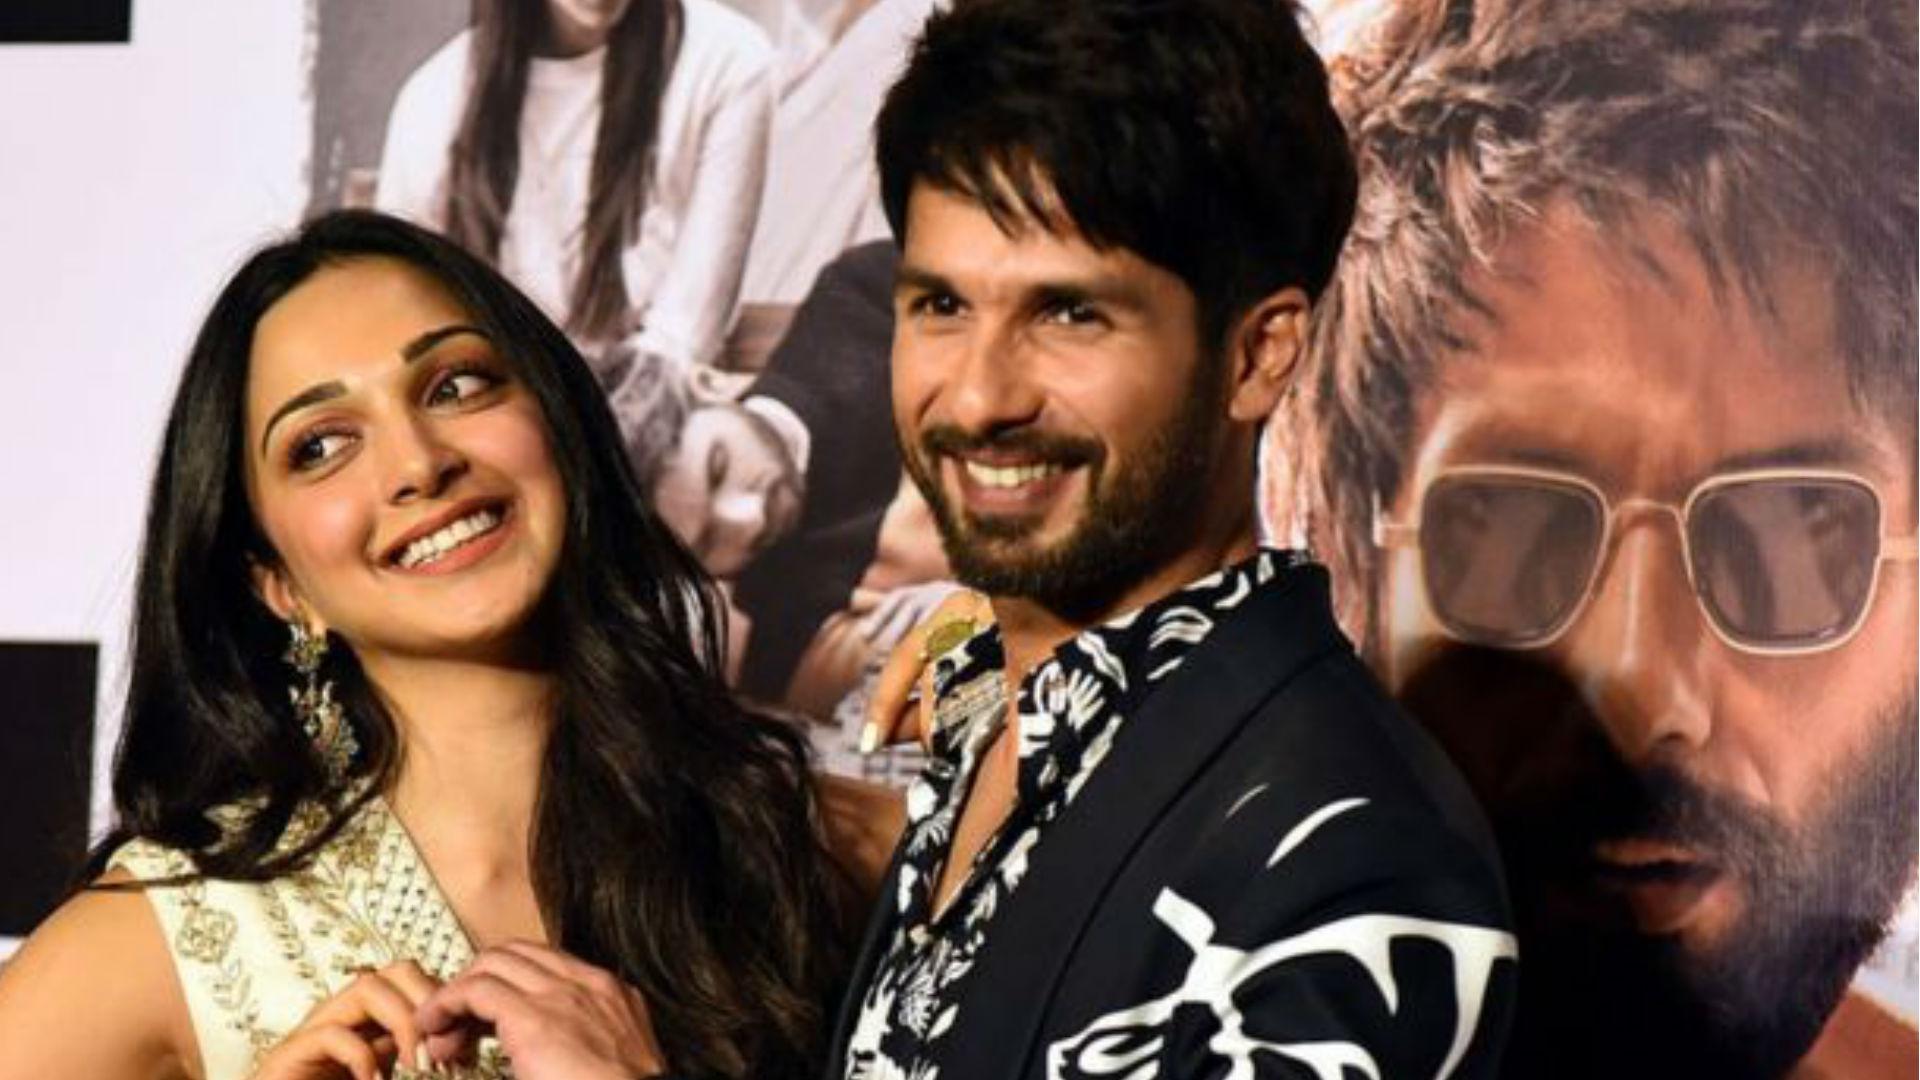 Kabir Singh Box Office Collection: 3 दिन में सलमान की भारत को पछाड़ देंगे शाहिद, अभी तक कमाए इतने रुपए